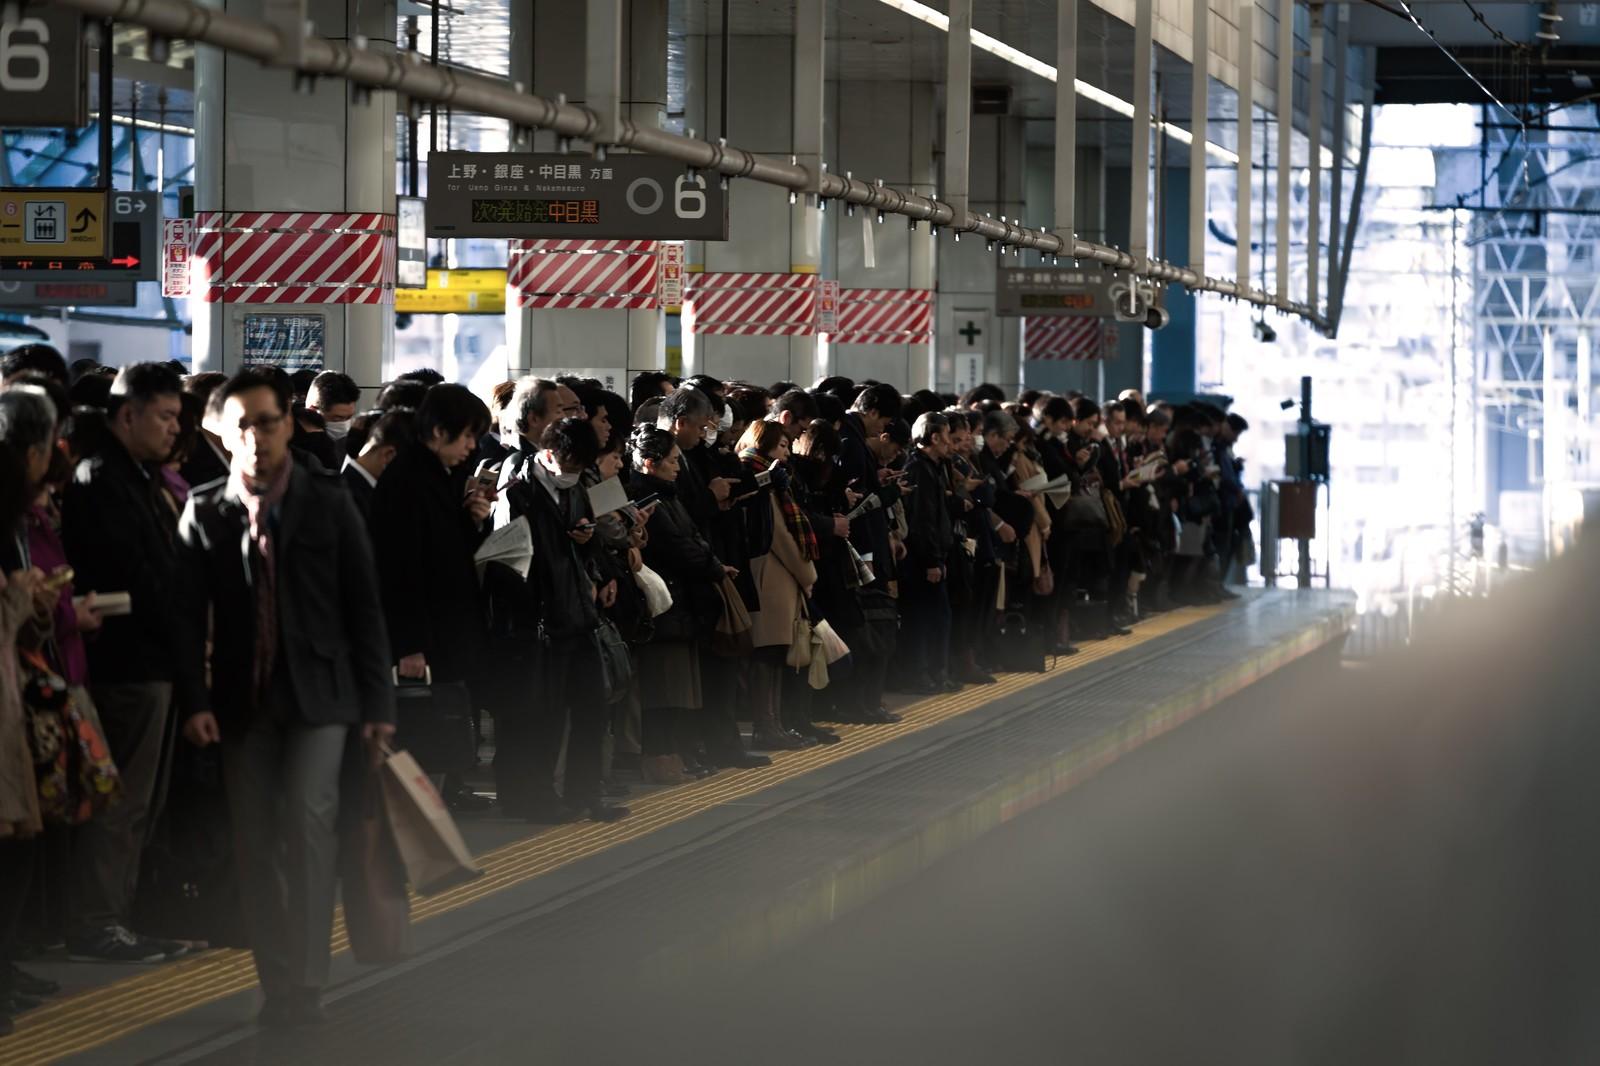 通勤手当とは。概要や支給内容、支給割合や上限金額など。